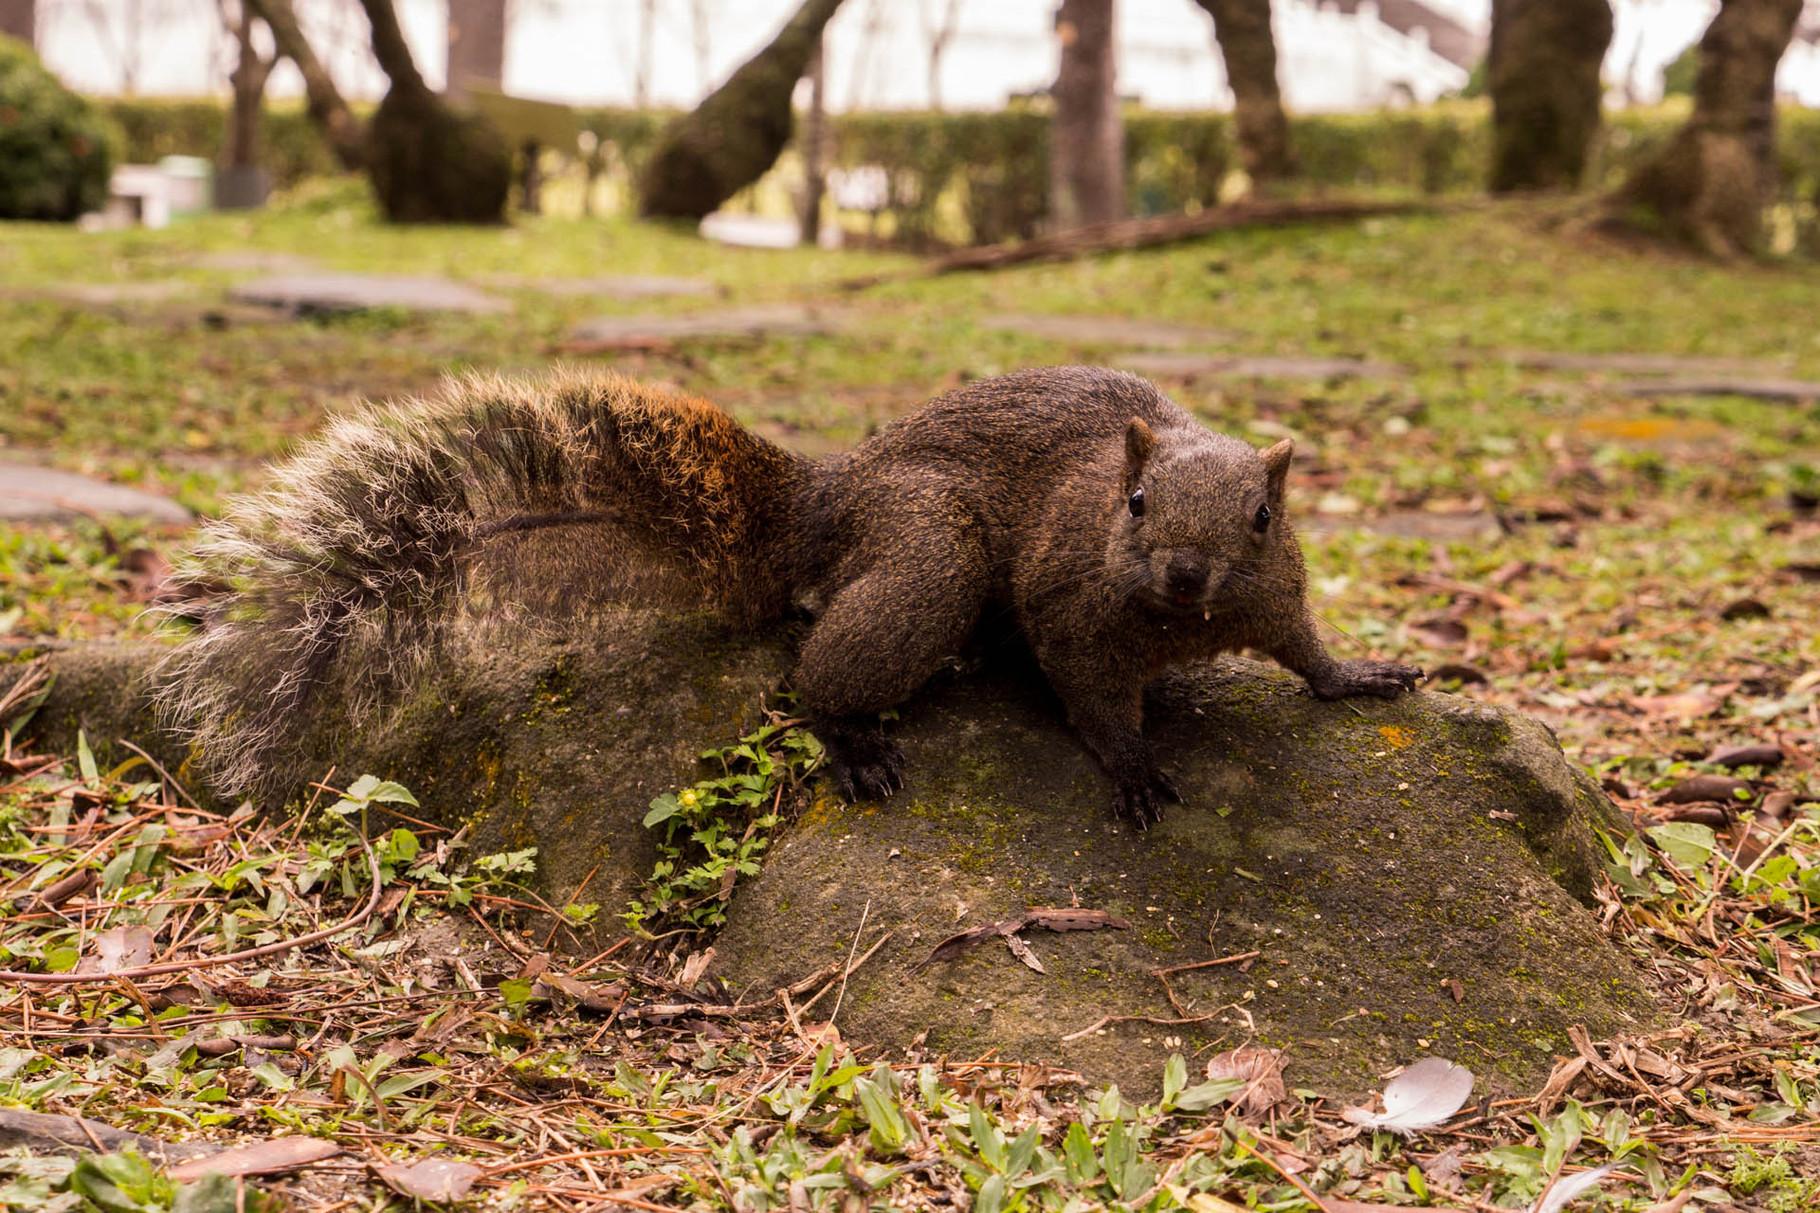 Fearless squirrels at Chiang Kai-shek Memorial Hall park